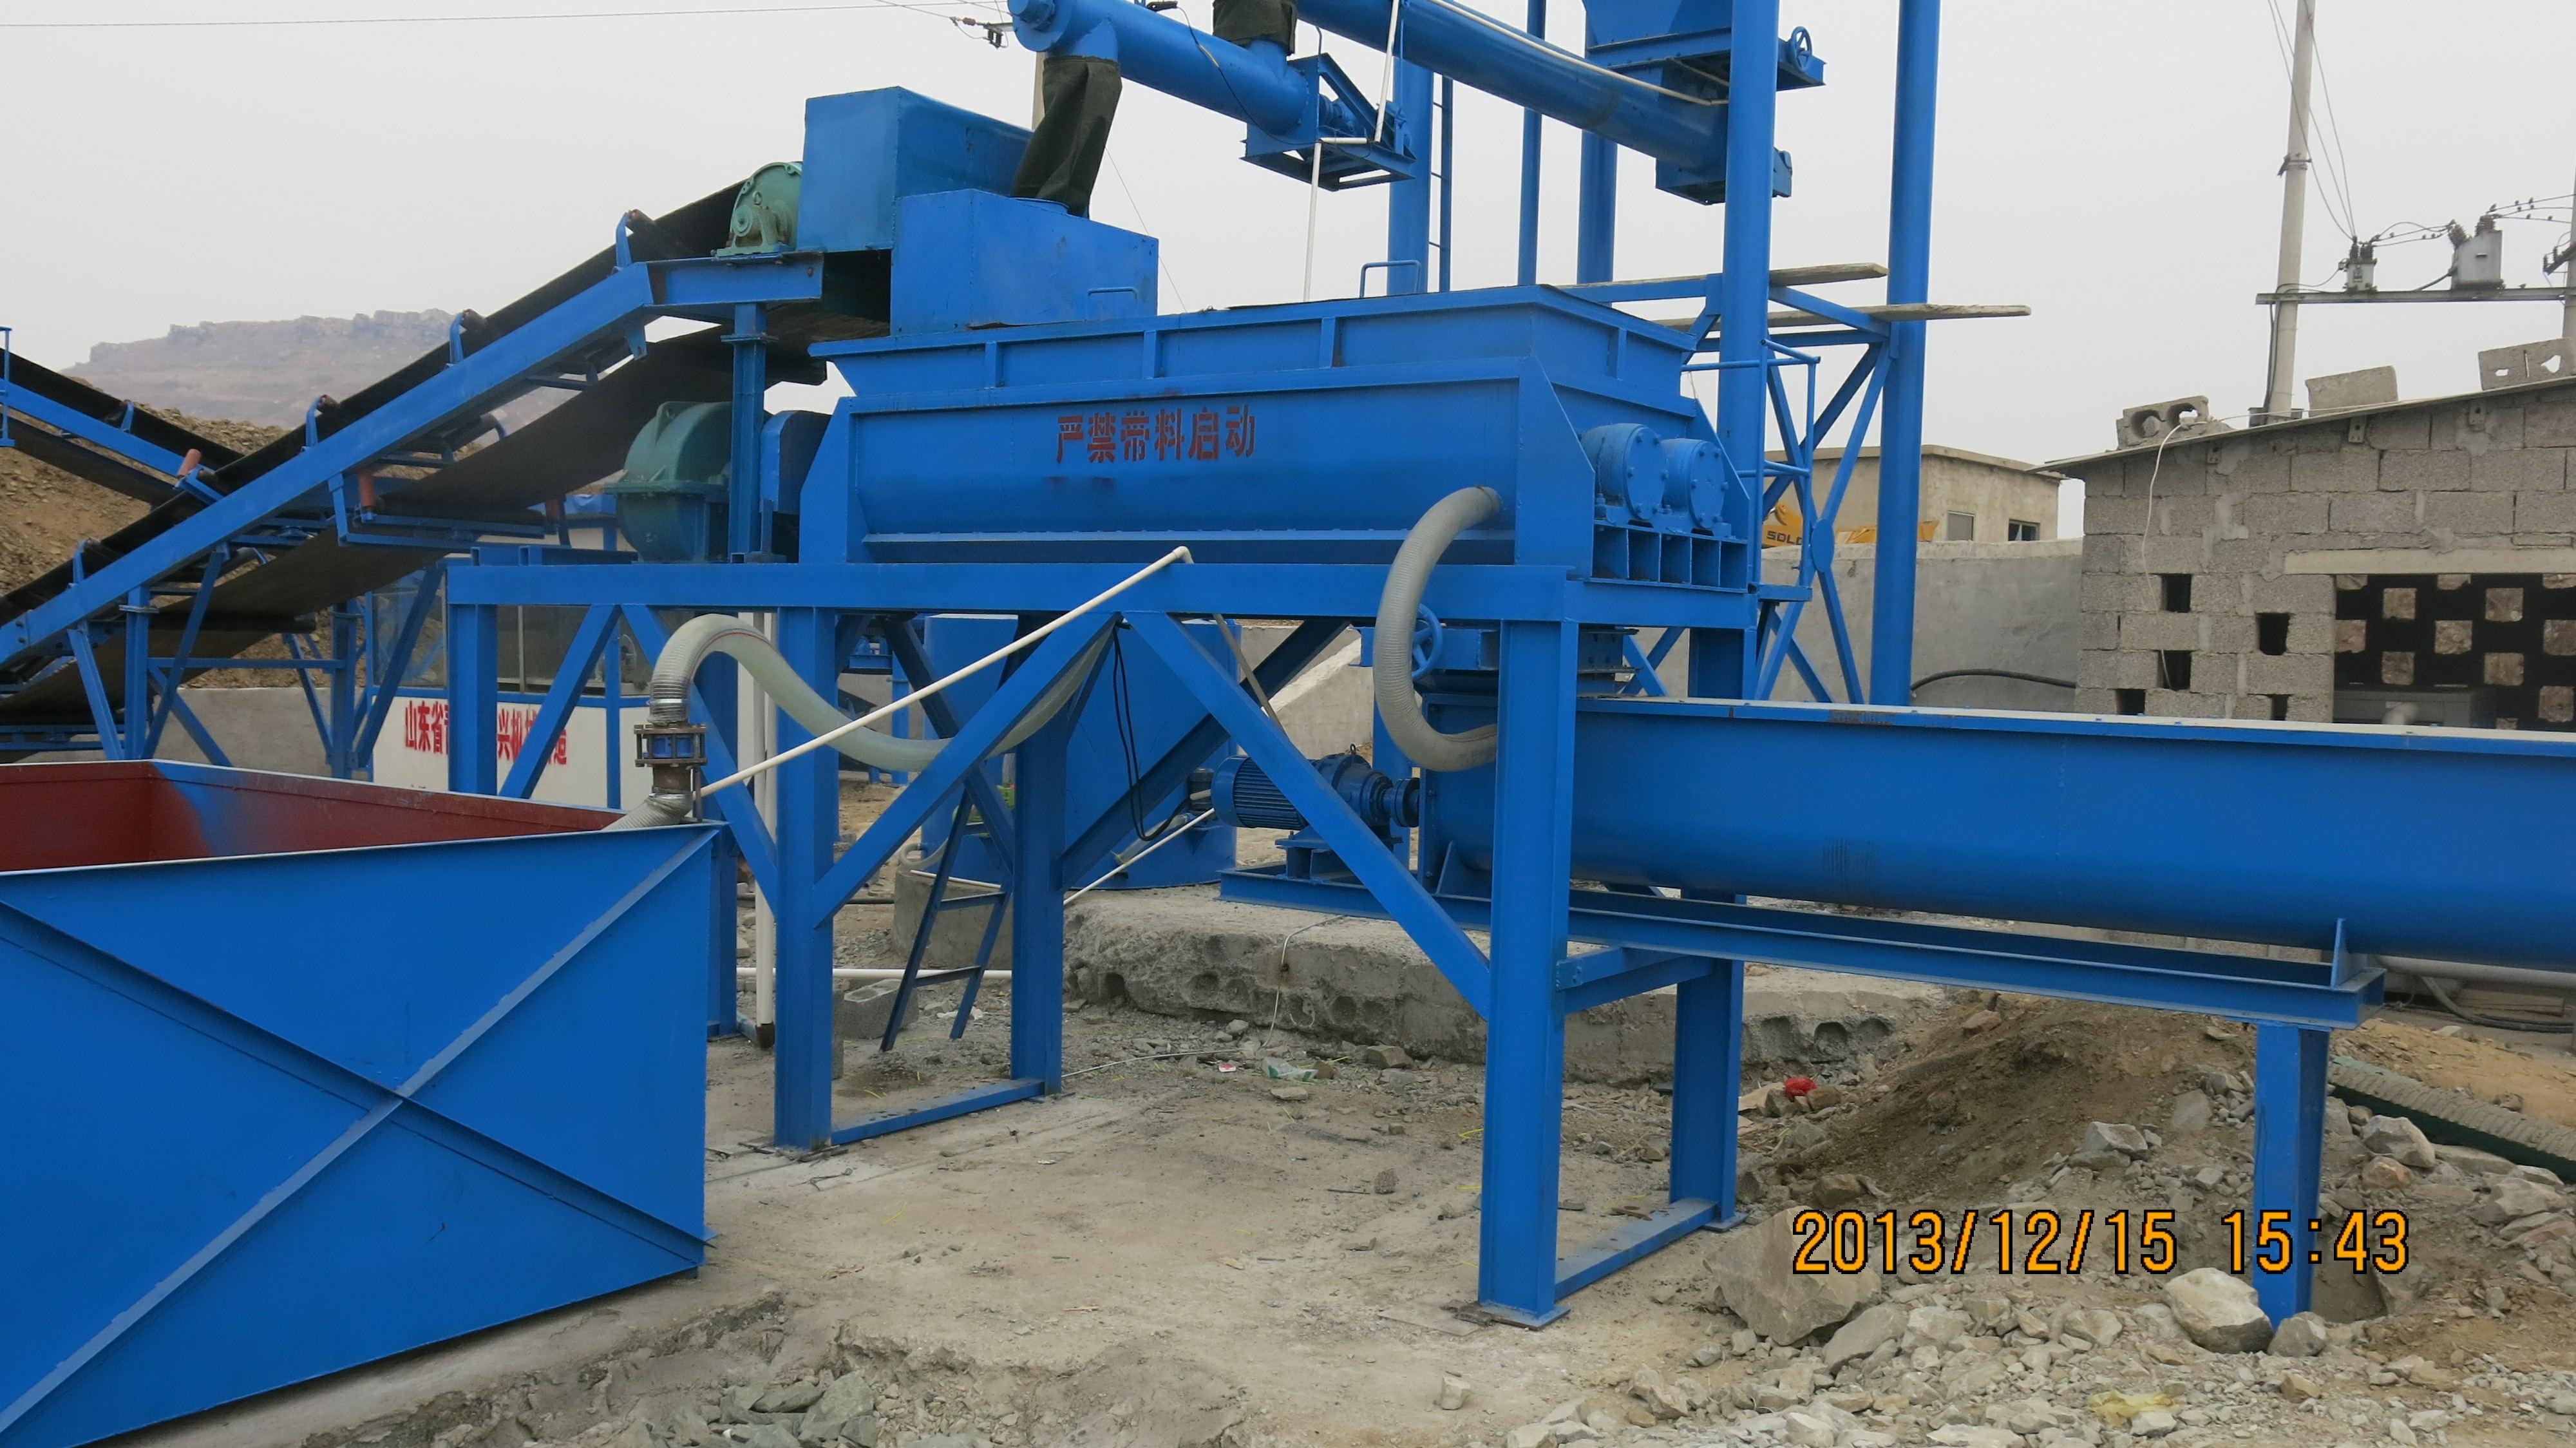 潍坊煤矿充填站-热门煤矿充填设备动态